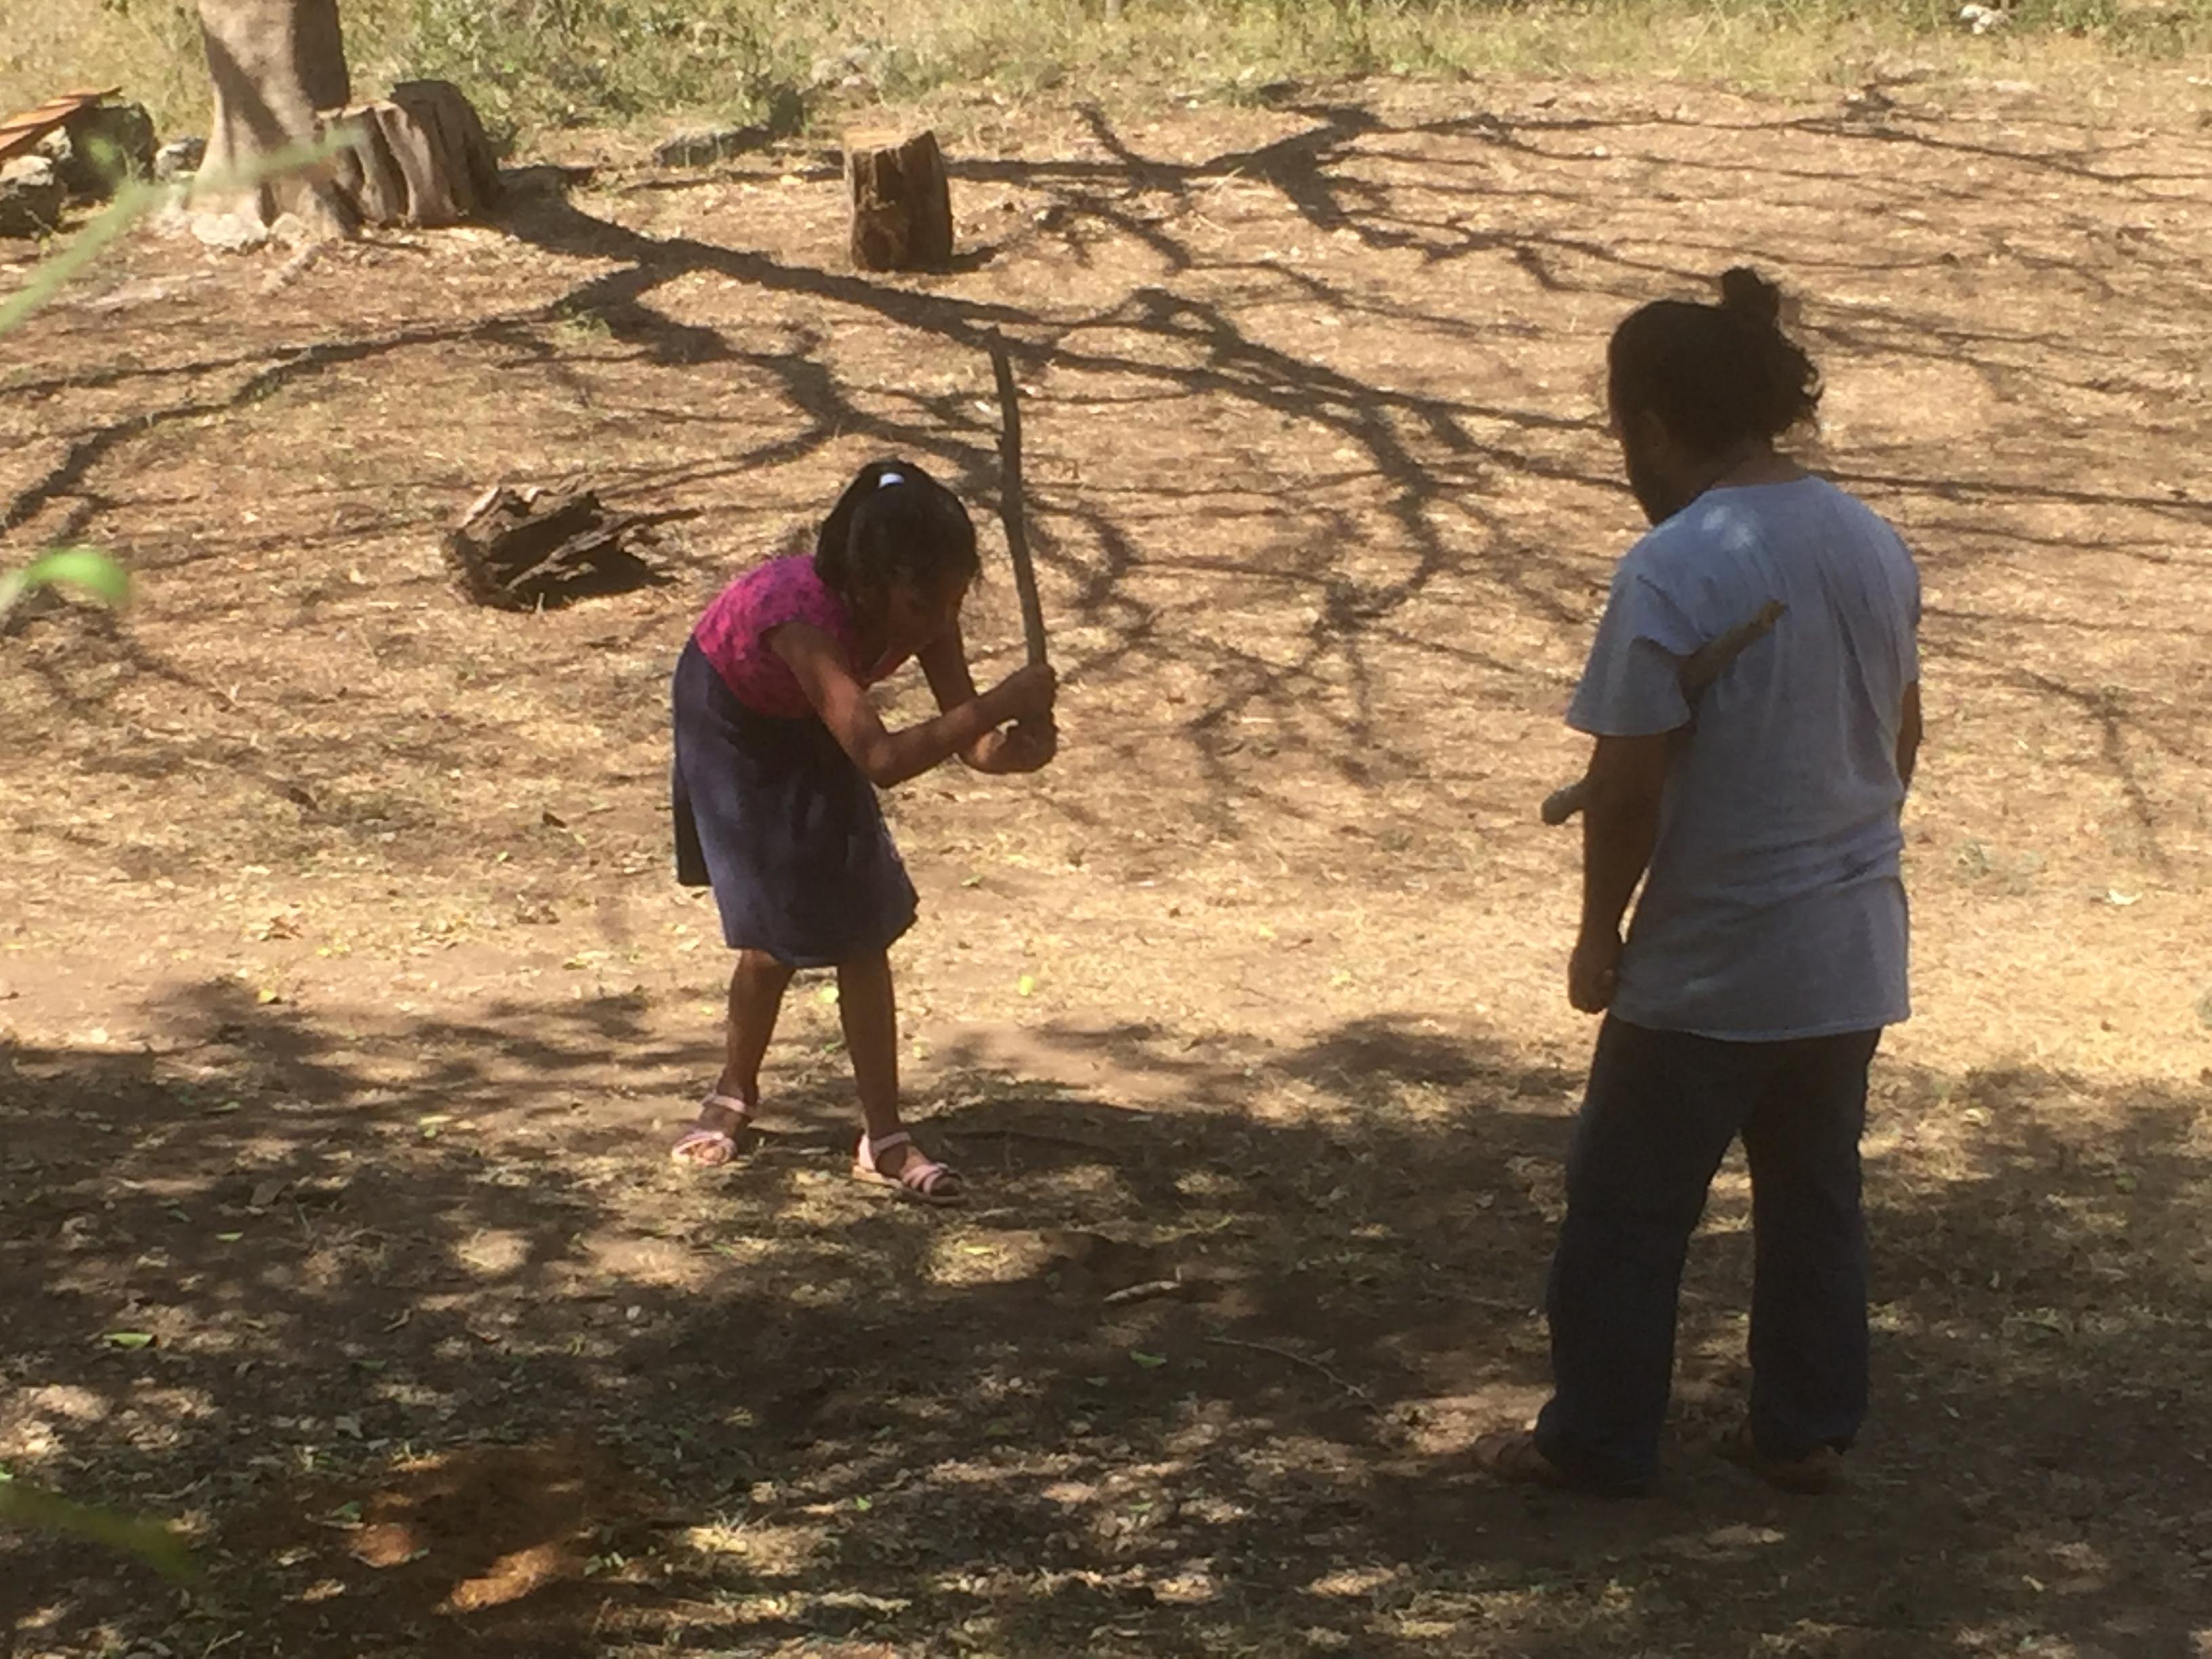 Mayan games